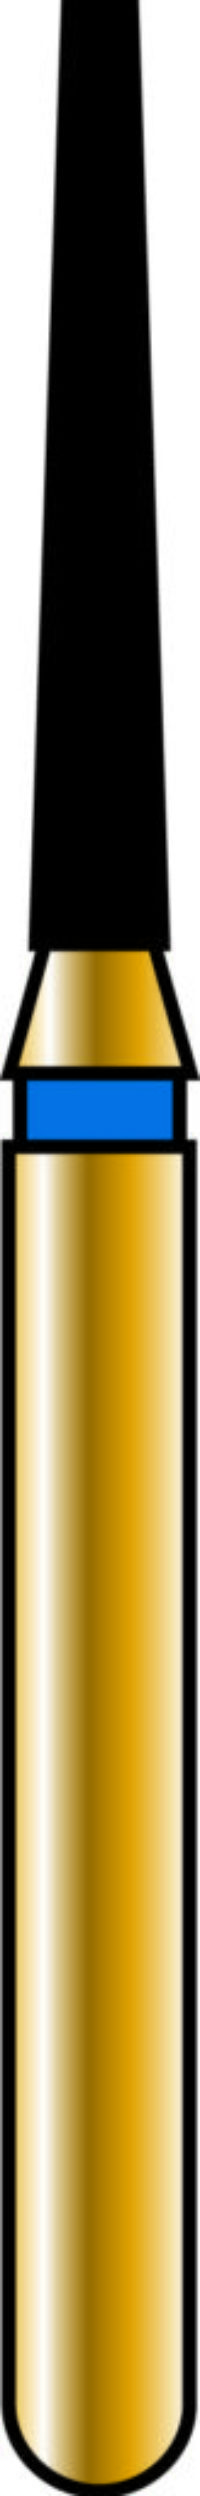 Flat End Taper 12-8mm Gold Diamond Bur